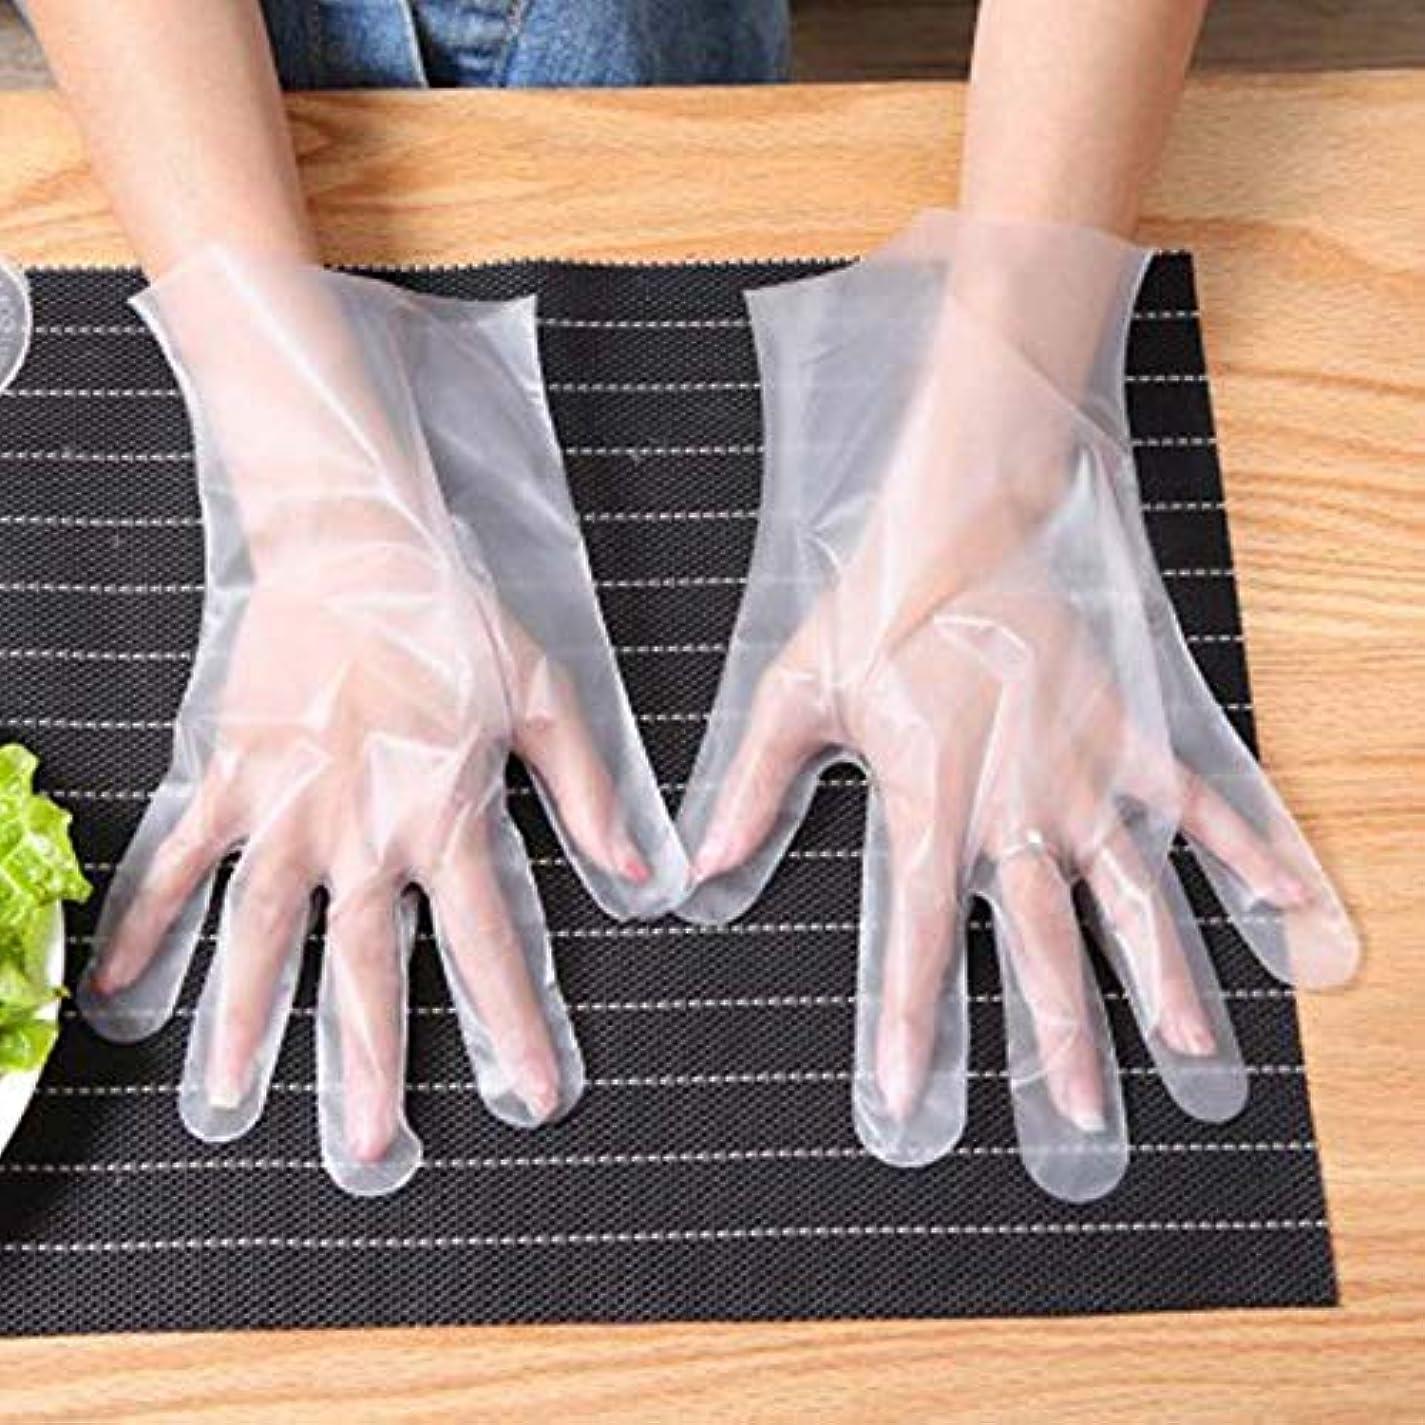 対角線虫診療所使い捨て手袋 世帯 食べ物 ケータリングキッチン 厚くする プラスチック透明 グローブ 個別にパッケージ化されたCPE 100 /箱